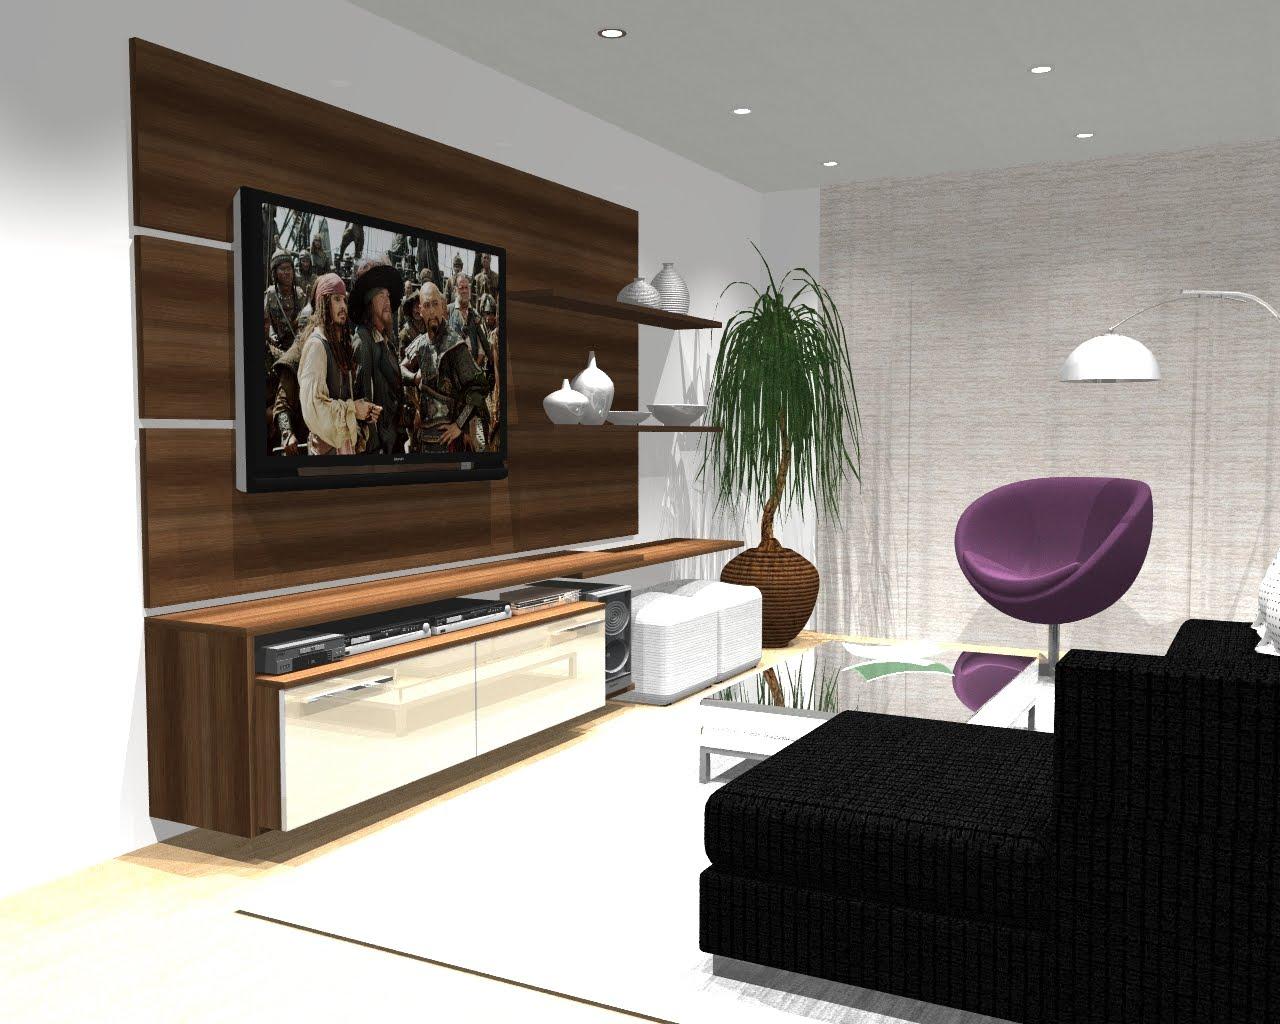 Carolina Lira Design de Interiores: Julho 2010 #905F3B 1280 1024